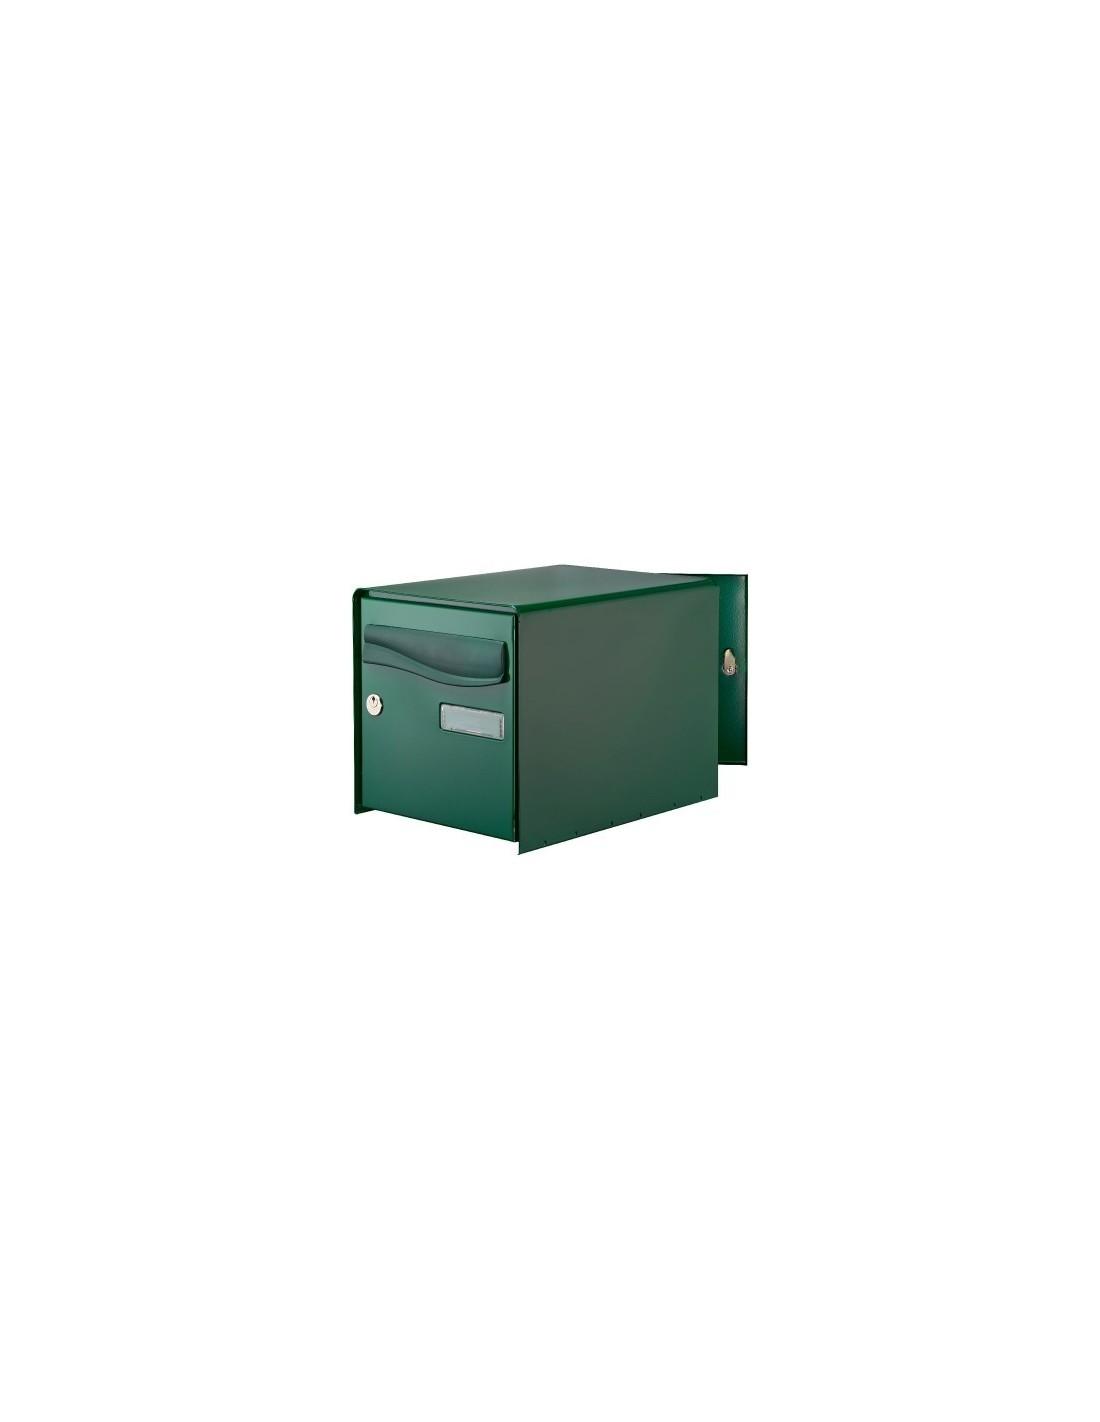 bo te aux lettres ouverture totale r box lys bg double face vert. Black Bedroom Furniture Sets. Home Design Ideas